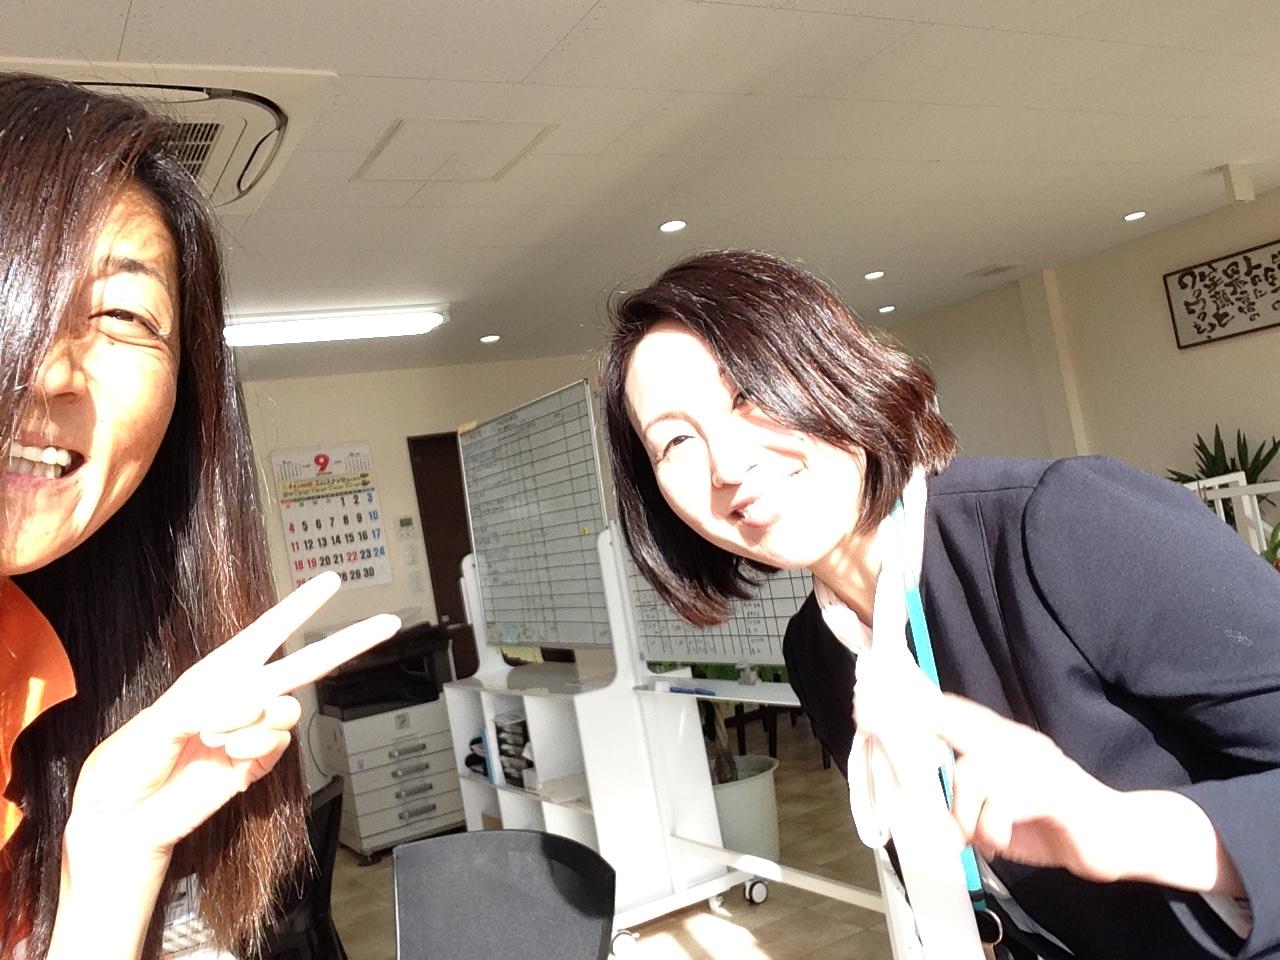 9月30日(金) 9月最終日!金曜日のオールスターブログ(*´ω`*)_b0127002_18234025.jpg